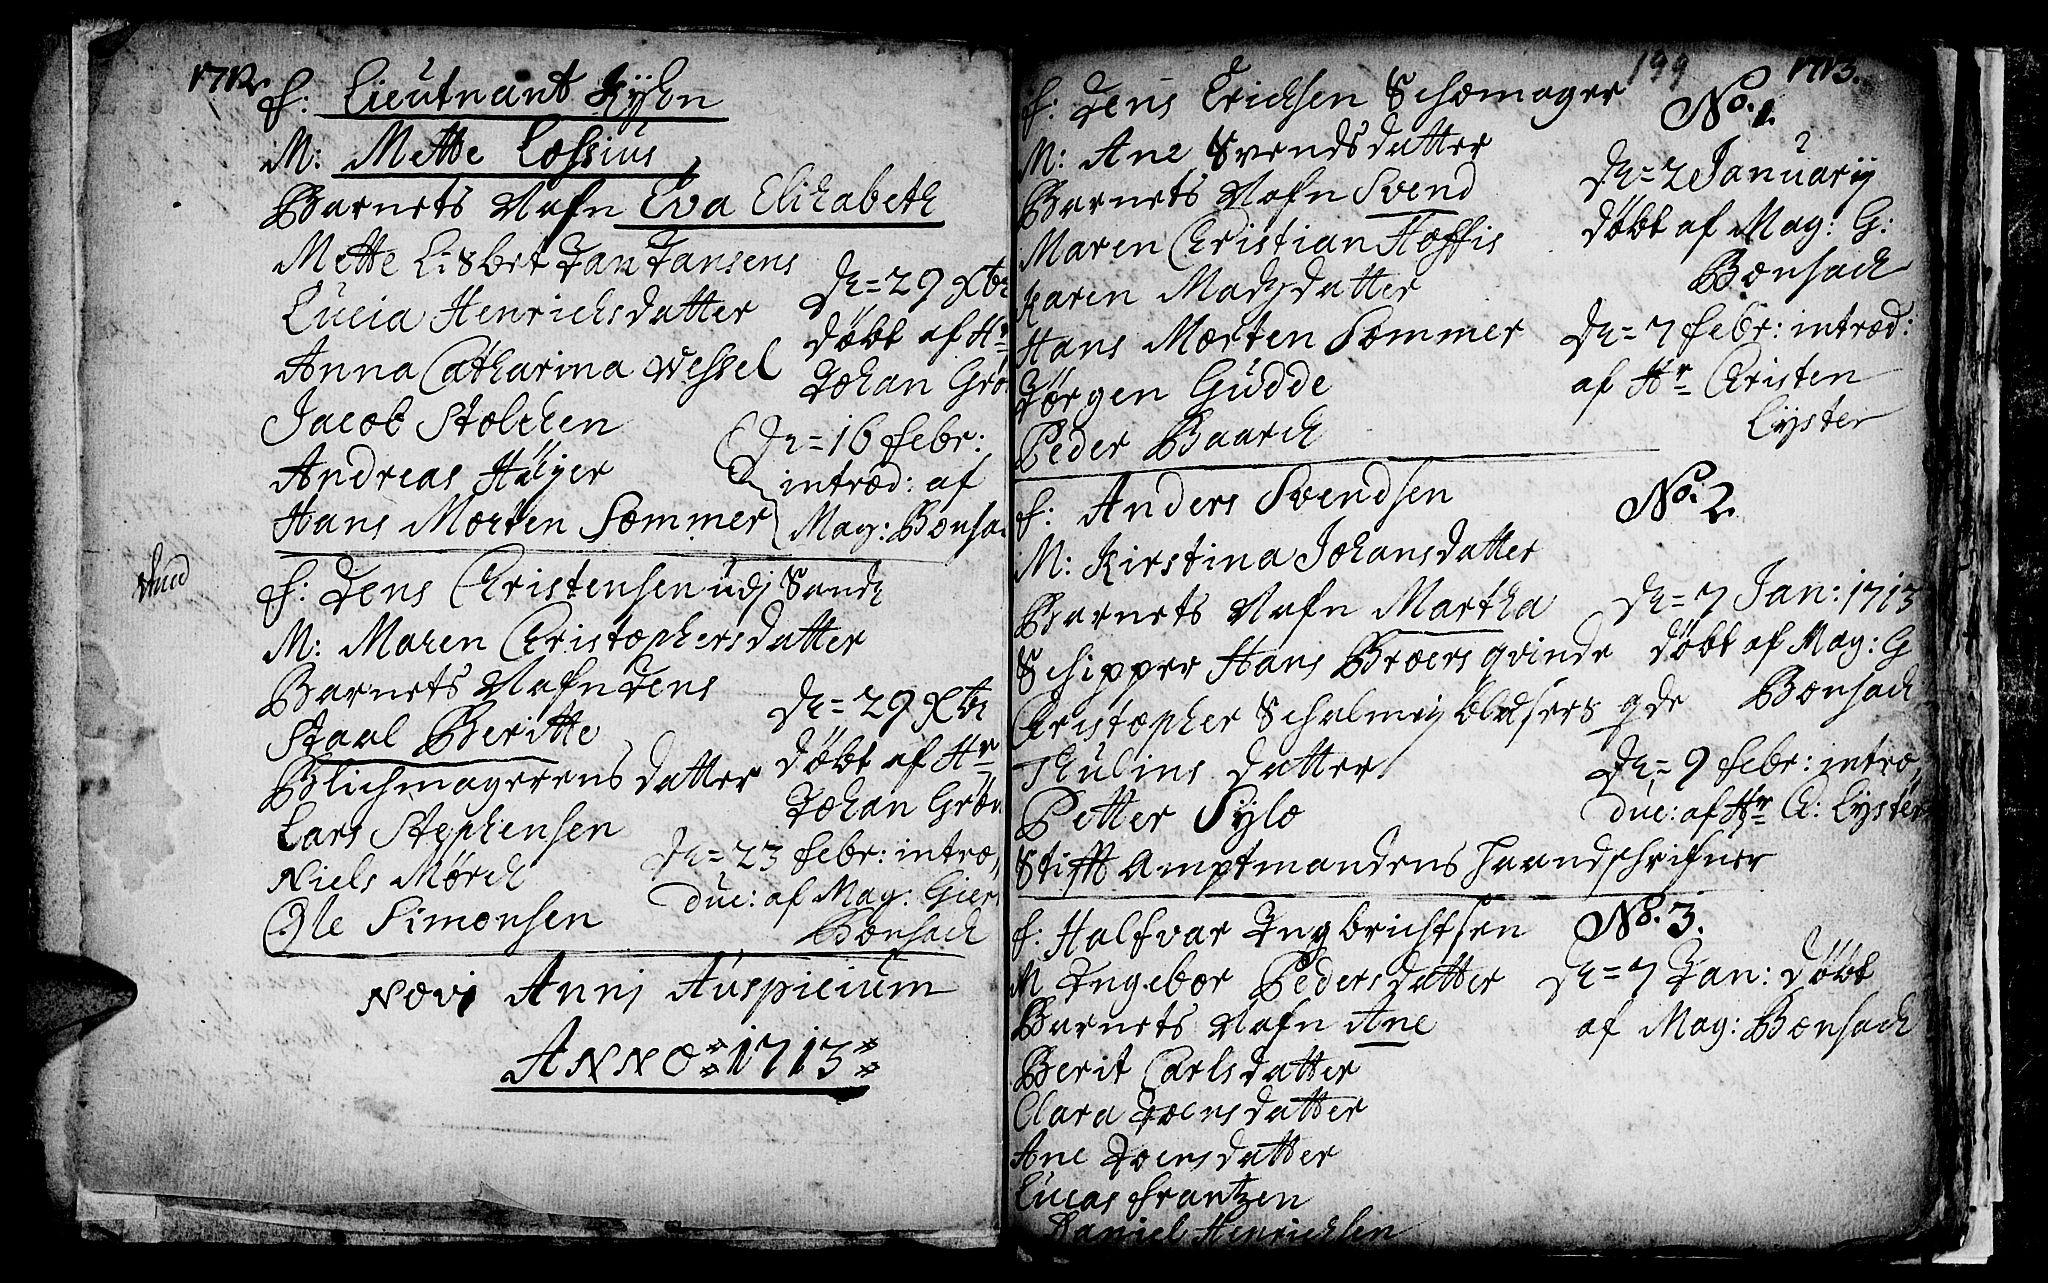 SAT, Ministerialprotokoller, klokkerbøker og fødselsregistre - Sør-Trøndelag, 601/L0034: Ministerialbok nr. 601A02, 1702-1714, s. 199